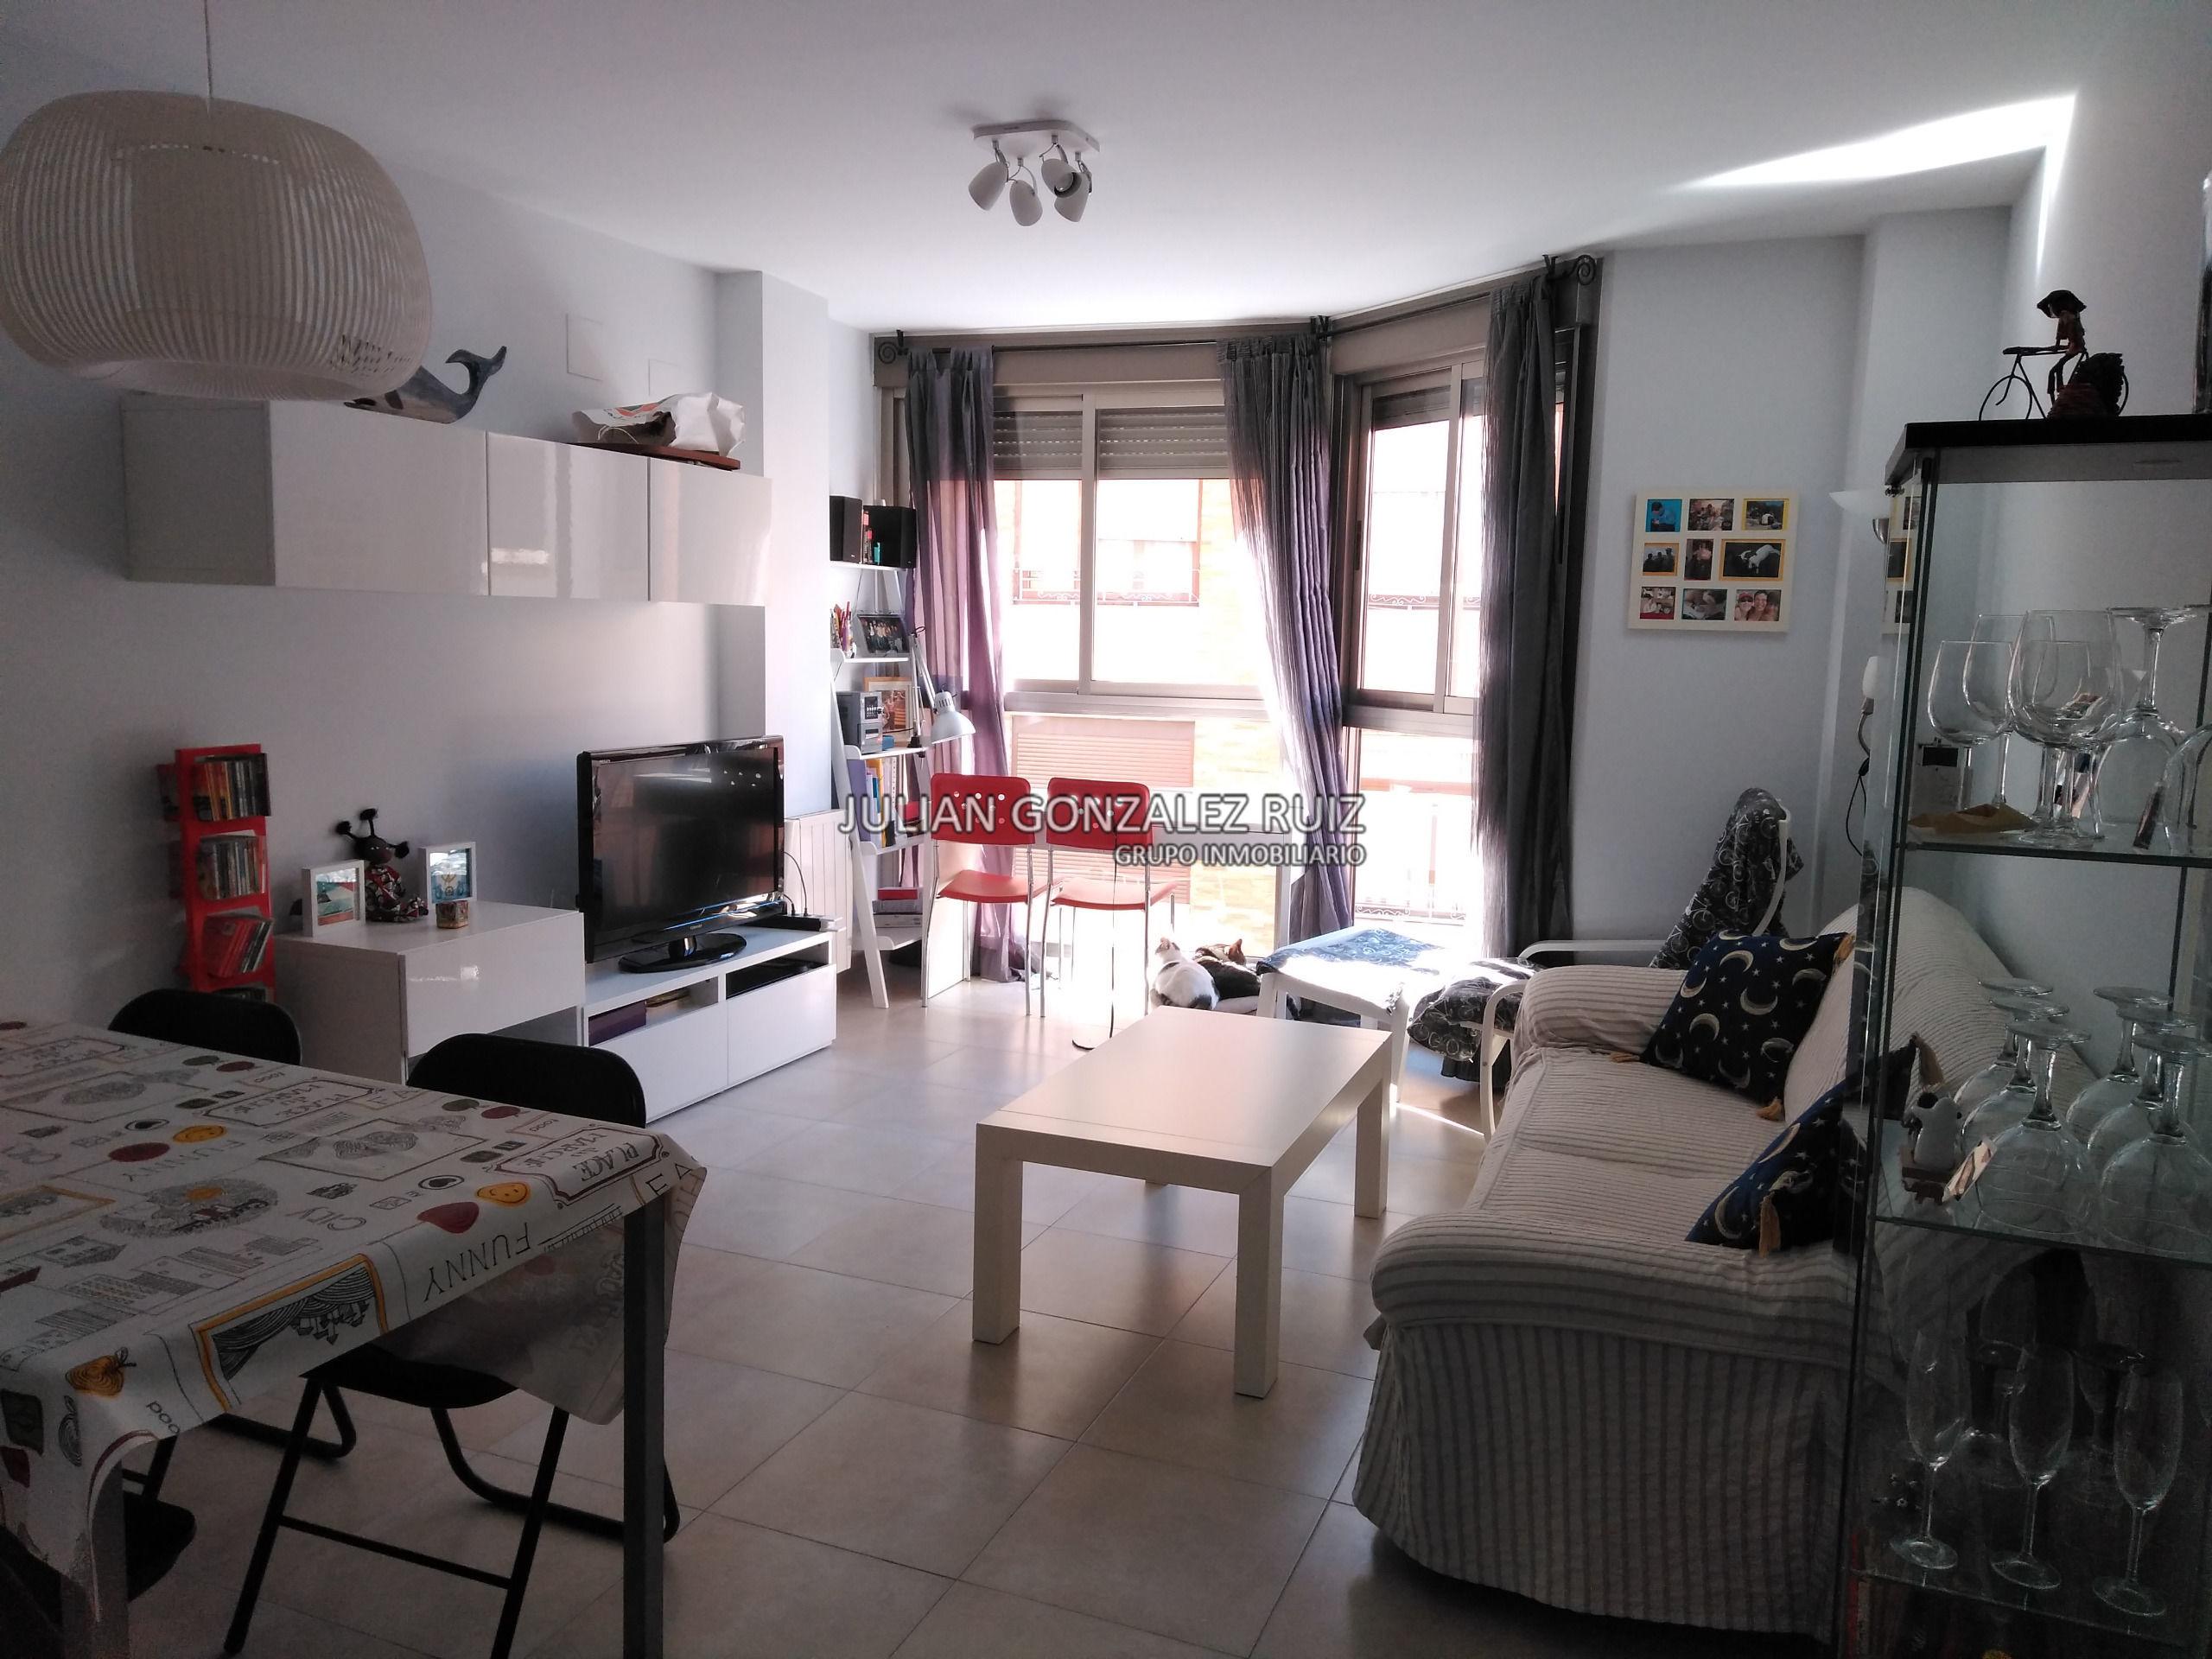 Piso de 78 m2 en venta en Castellón